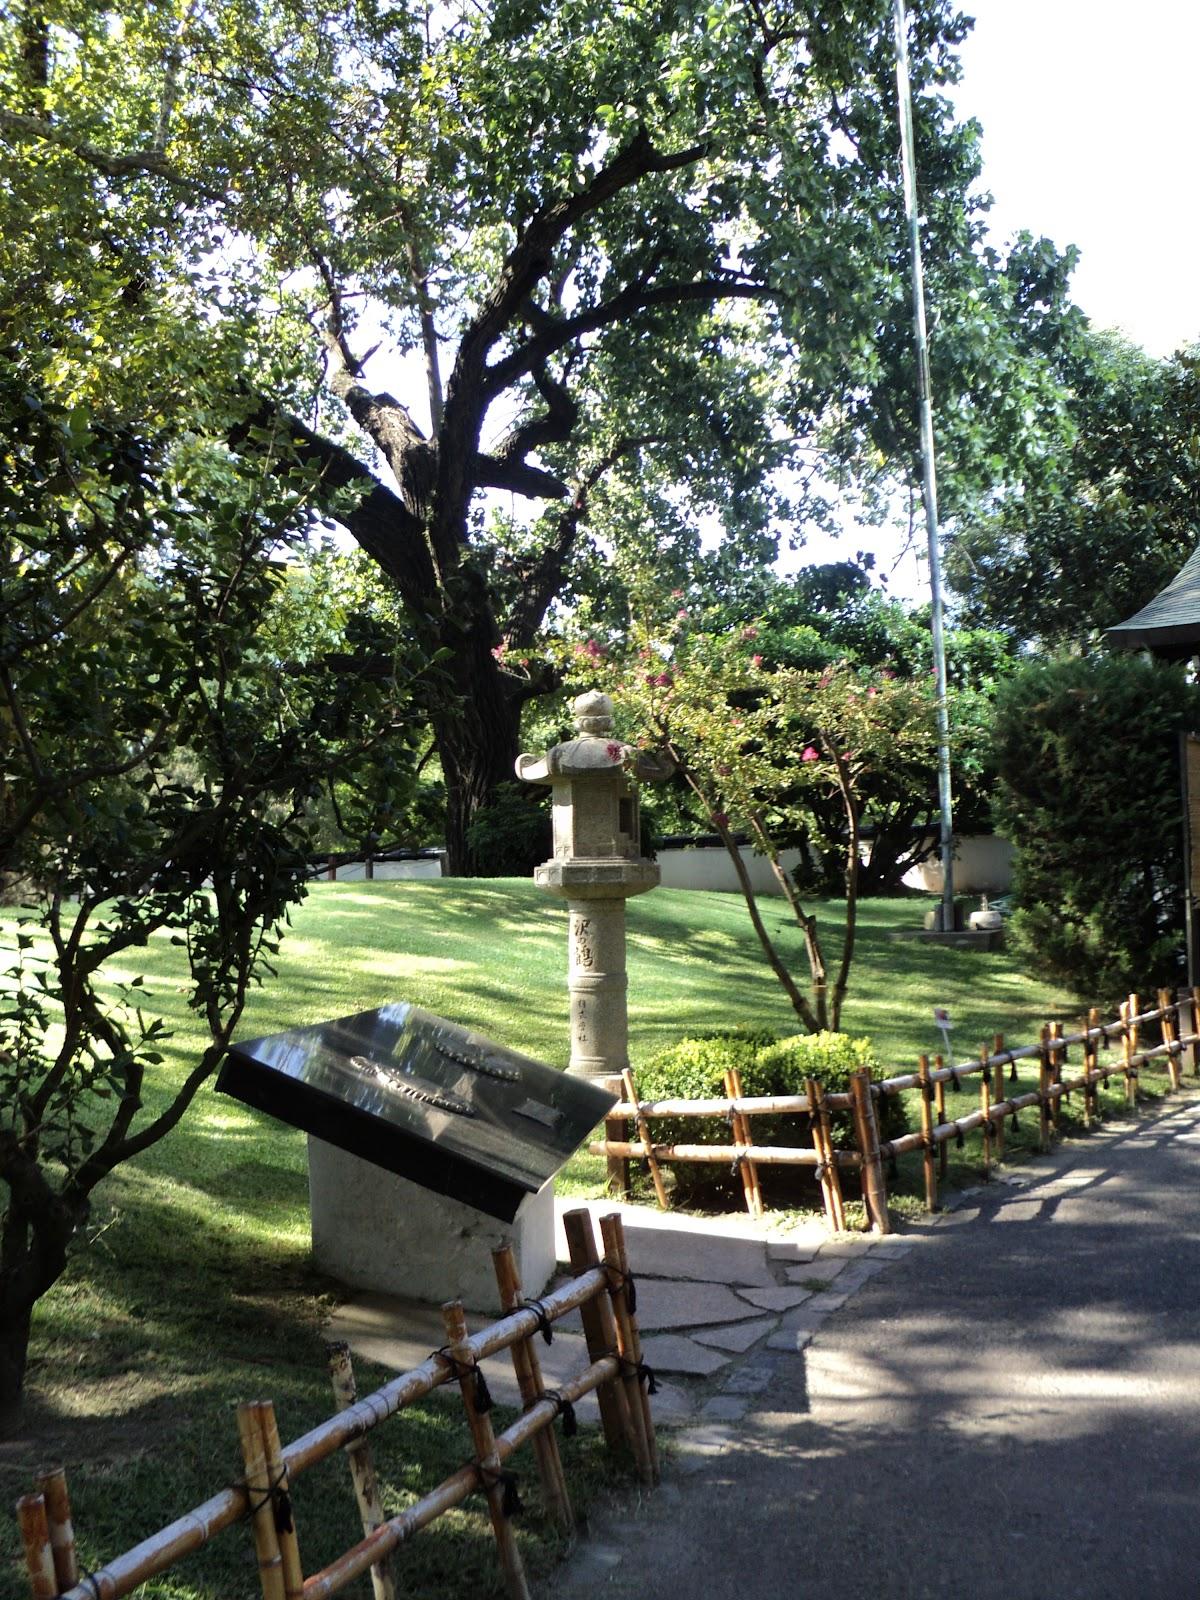 Paseos virtuales el jard n japon s de palermo casi un for Jardin japones palermo